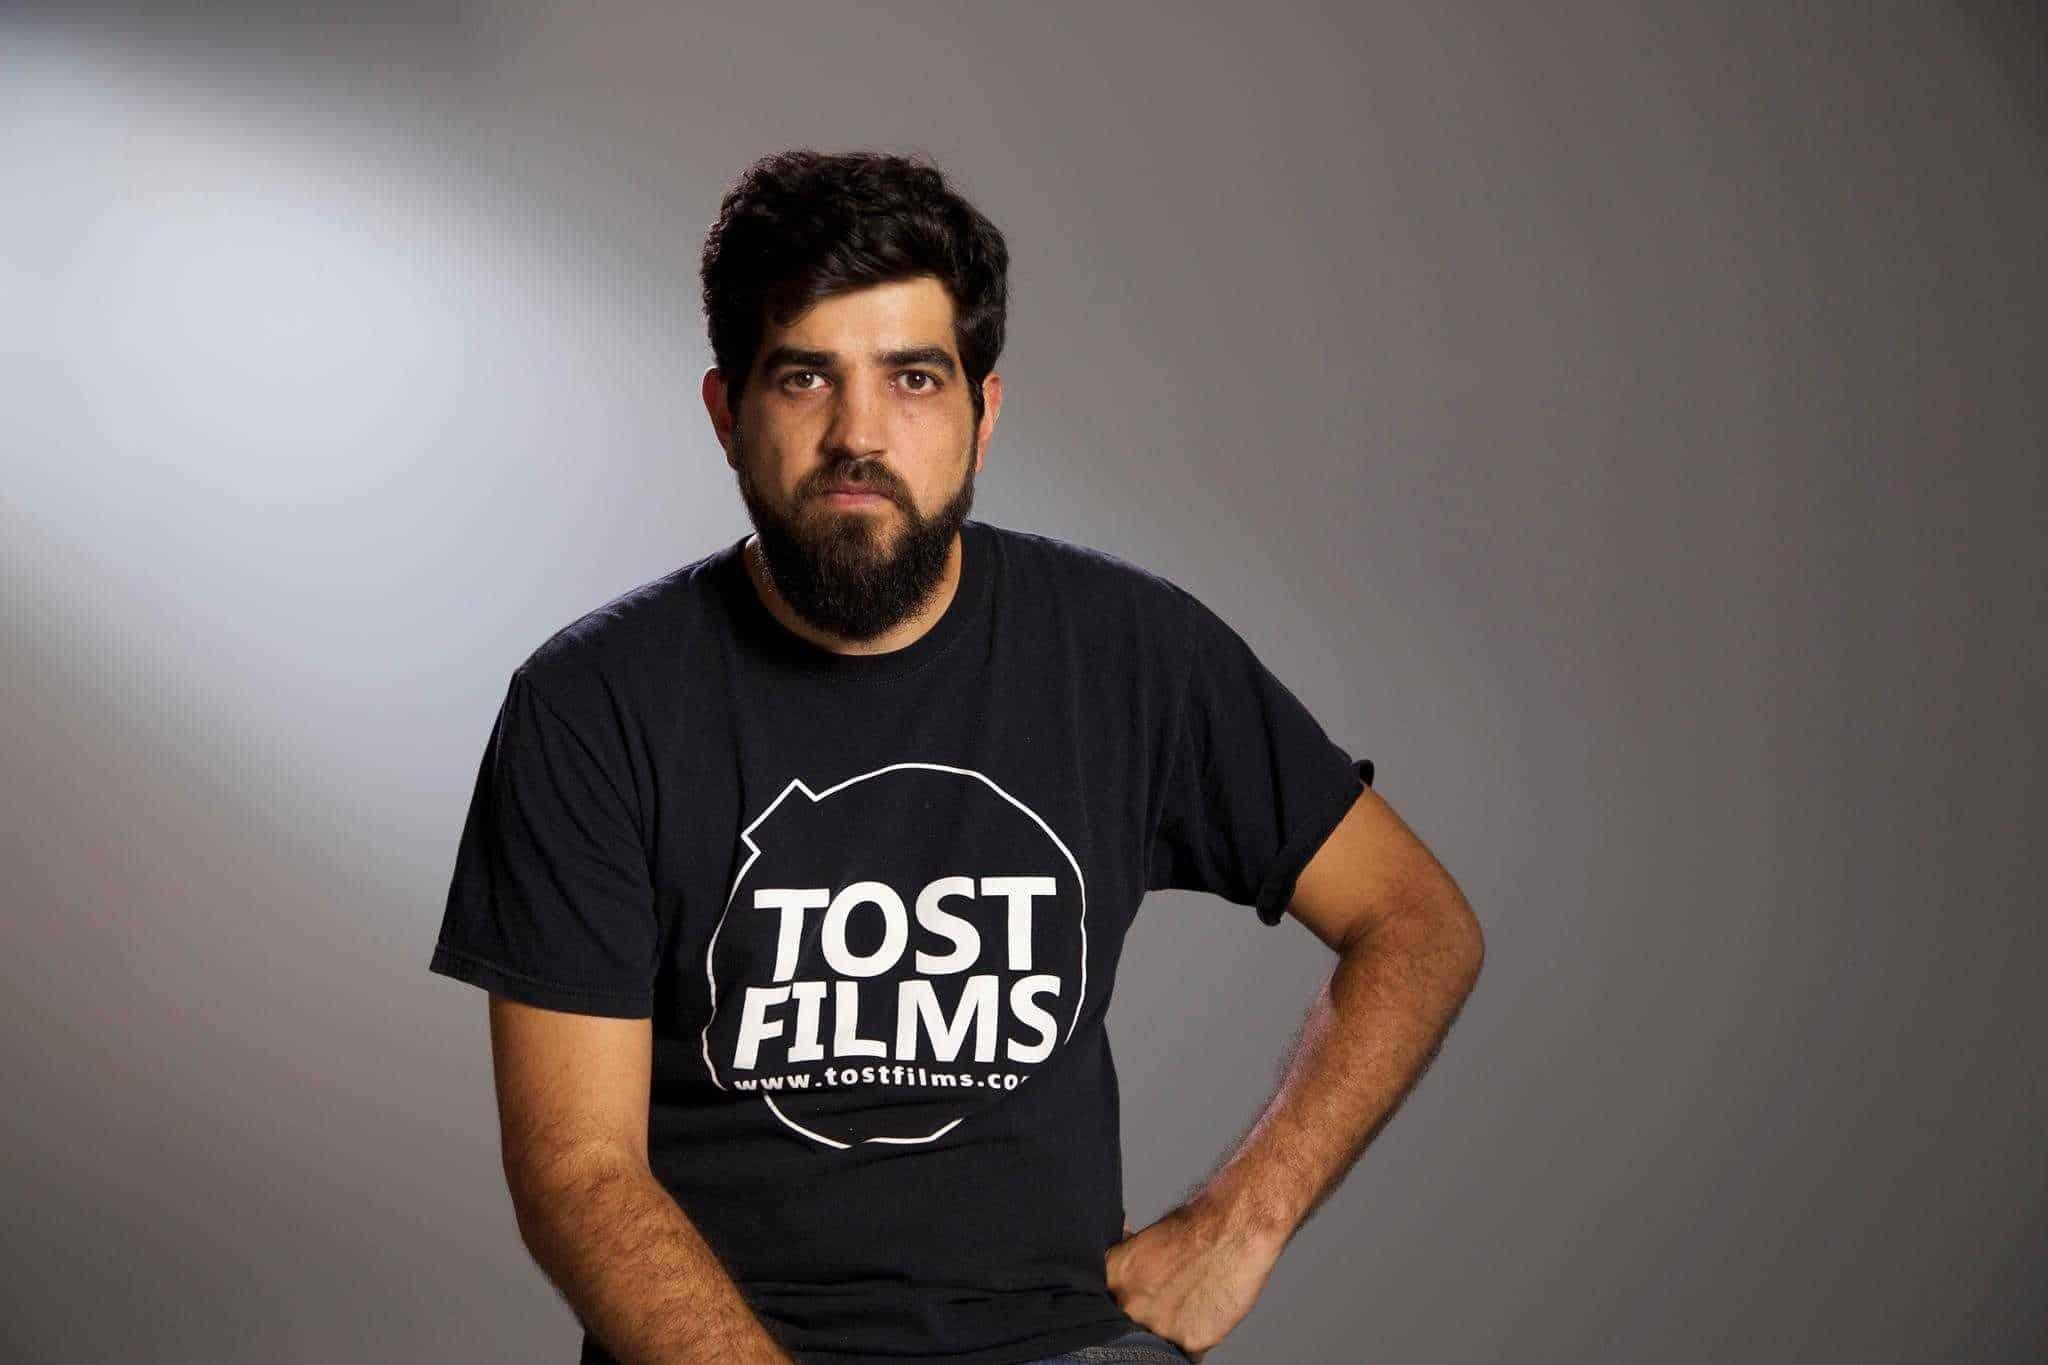 Mario E. Ramirez, Tostfilm